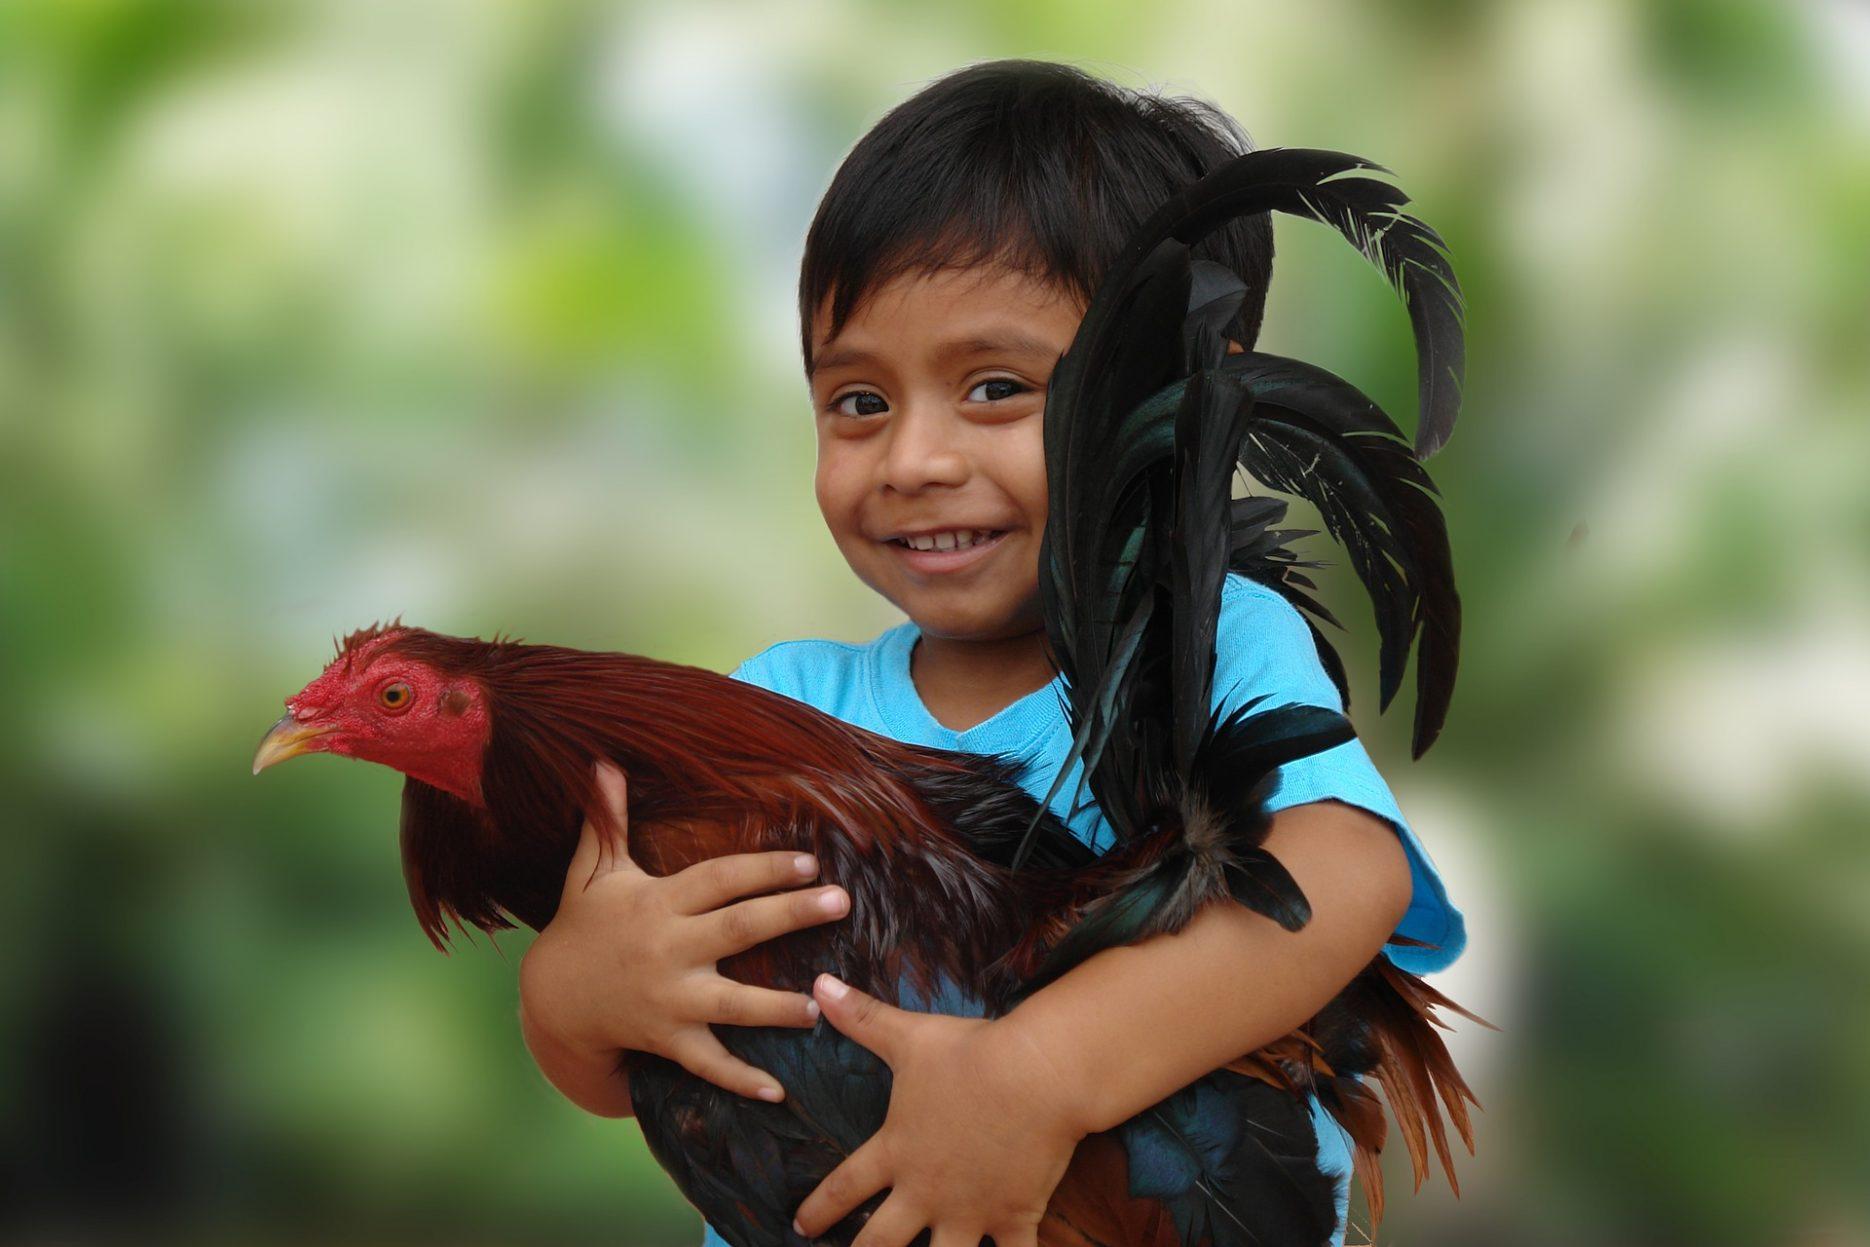 Auf dem Bild sieht man ein Kind, das einen Hahn im Arm hält.